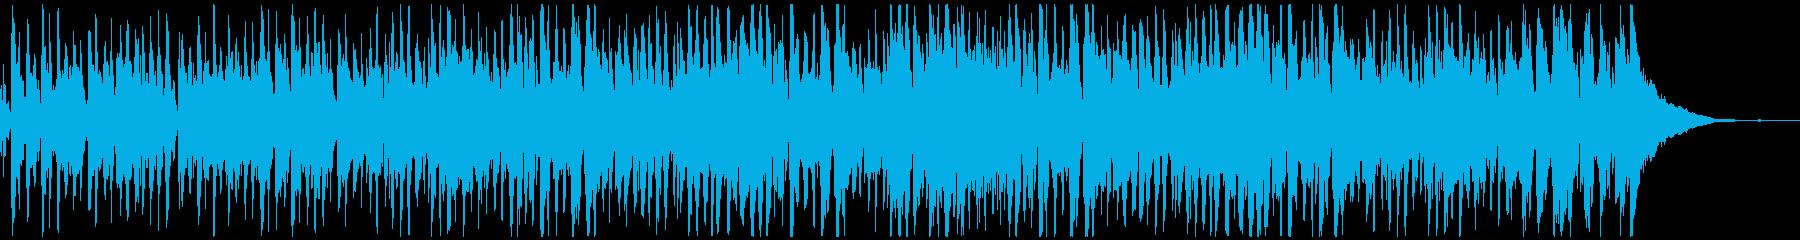 おしゃれで軽快なフレンチ風ジプシージャズの再生済みの波形